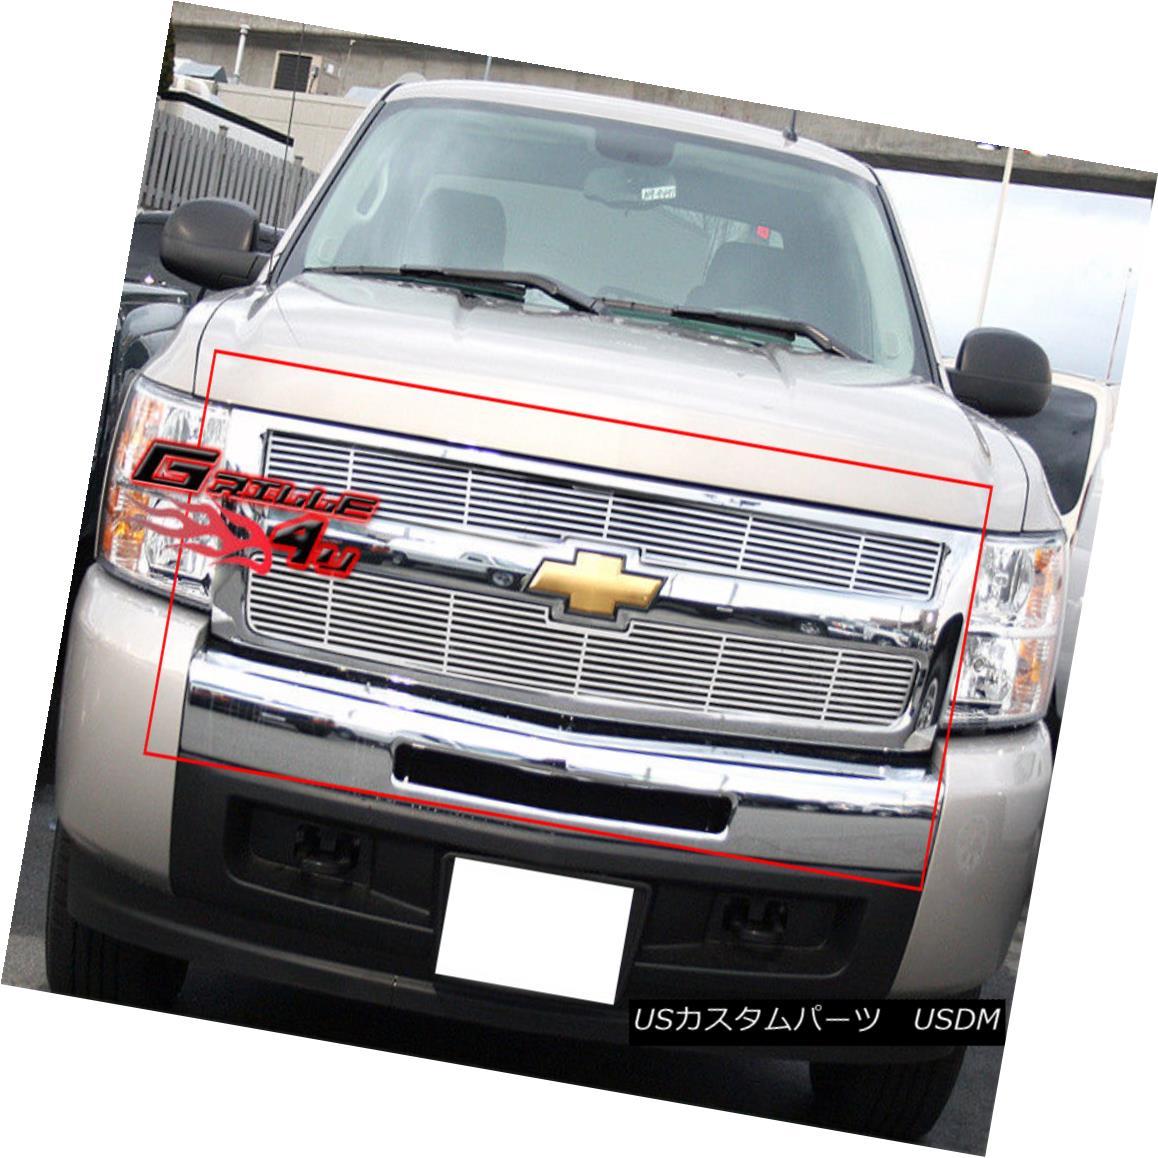 グリル For 07-10 Chevy Silverado 2500/3500 Perimeter Grille Insert 07-10 Chevy Silverado 2500/3500ペリメーターグリルインサート用